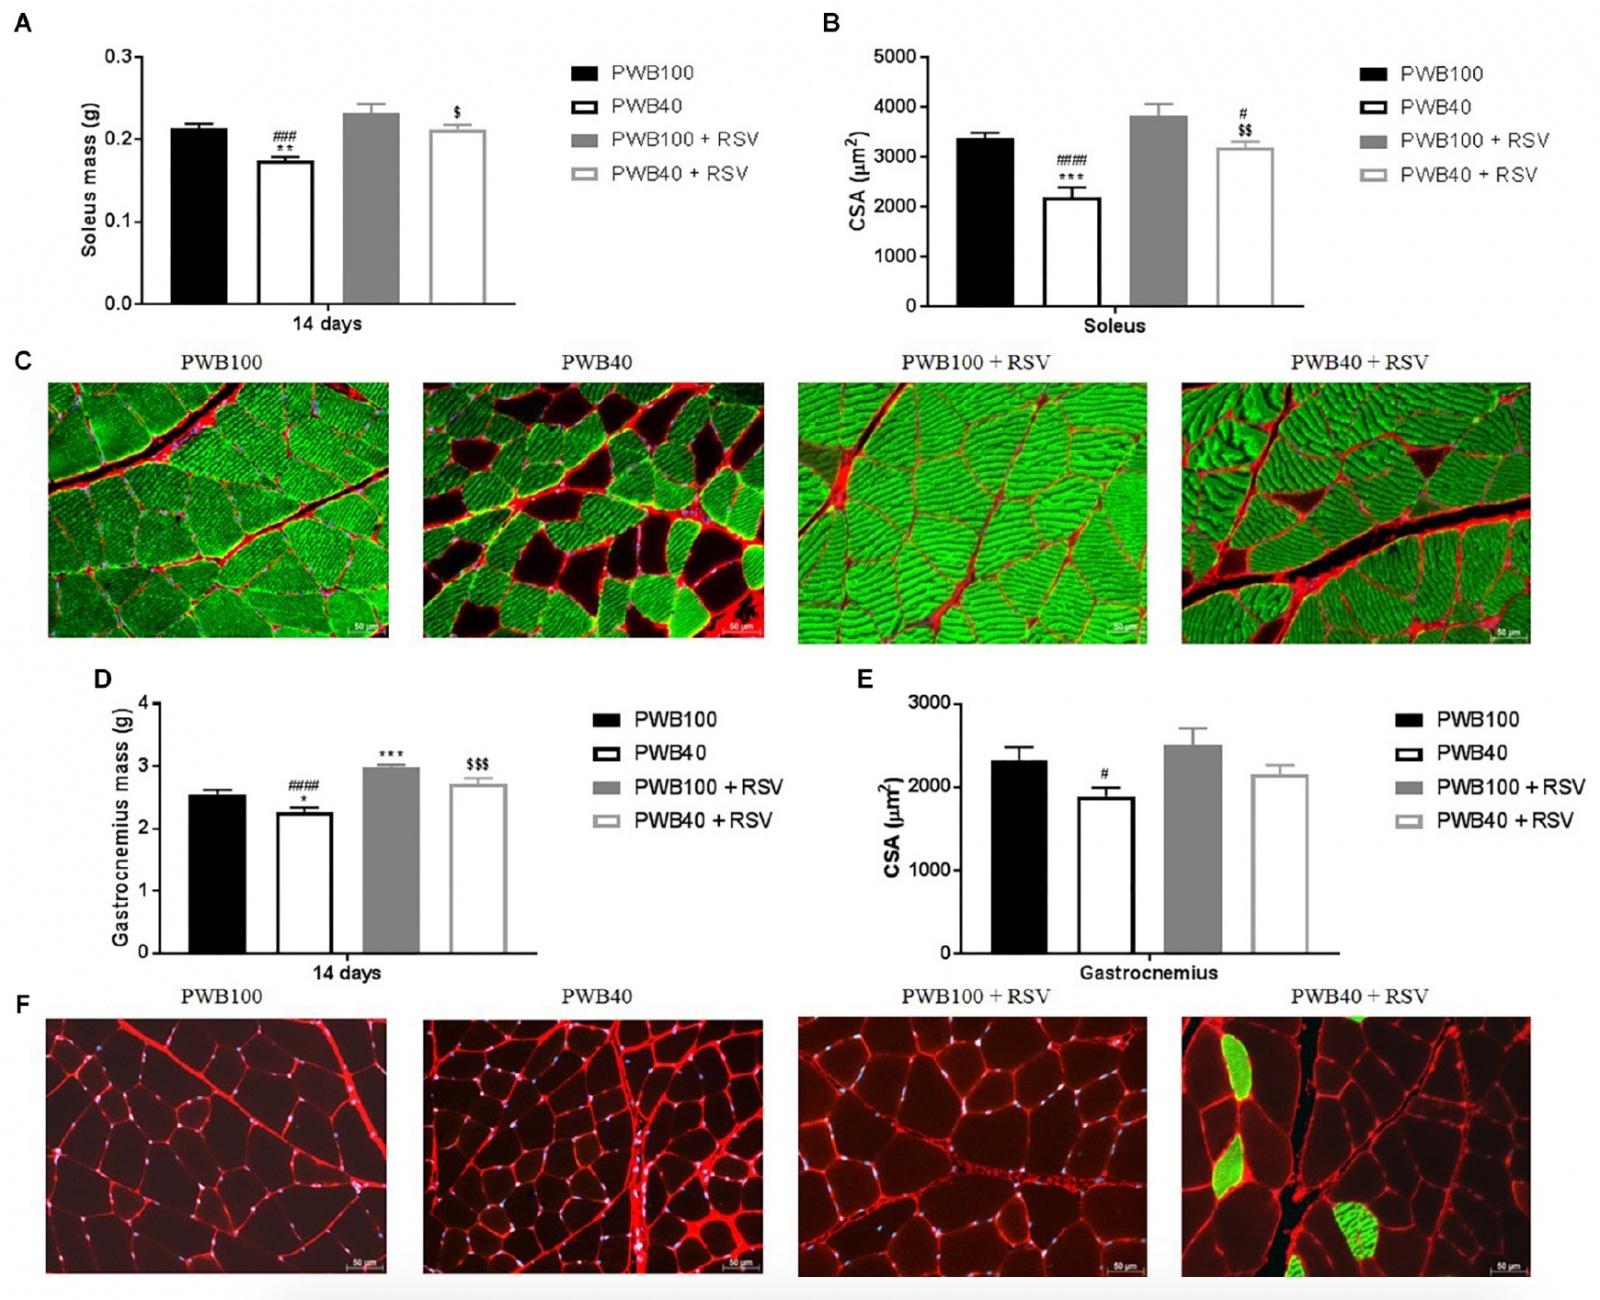 Вино и крысы: применение ресвератрола для восстановления мышц в условиях марсианской гравитации - 4